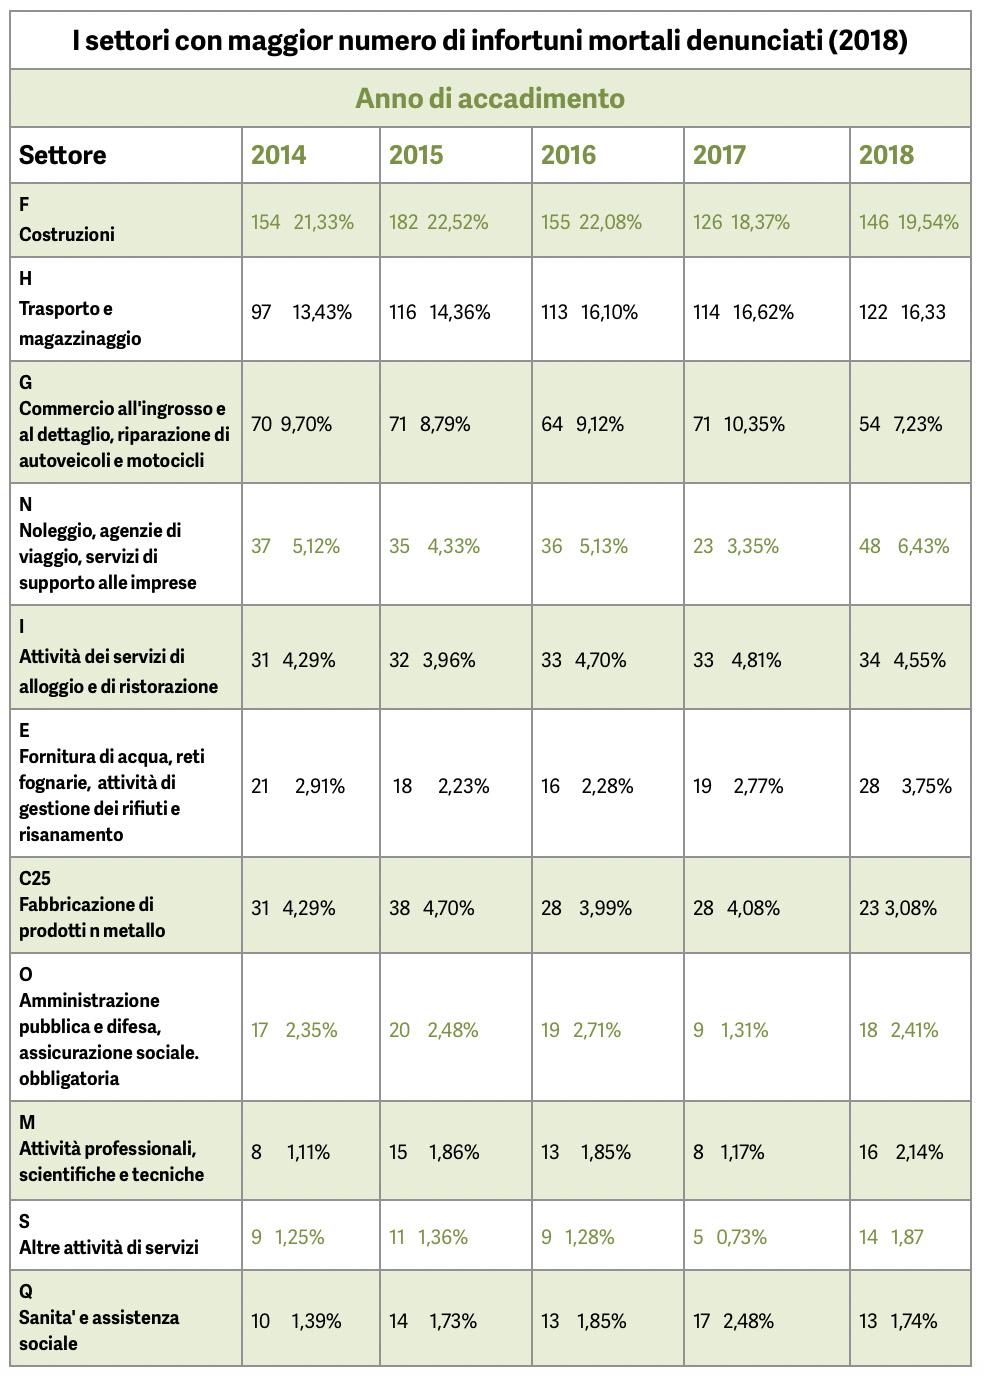 settori lavorativi 2018 con piu incidenti mortali